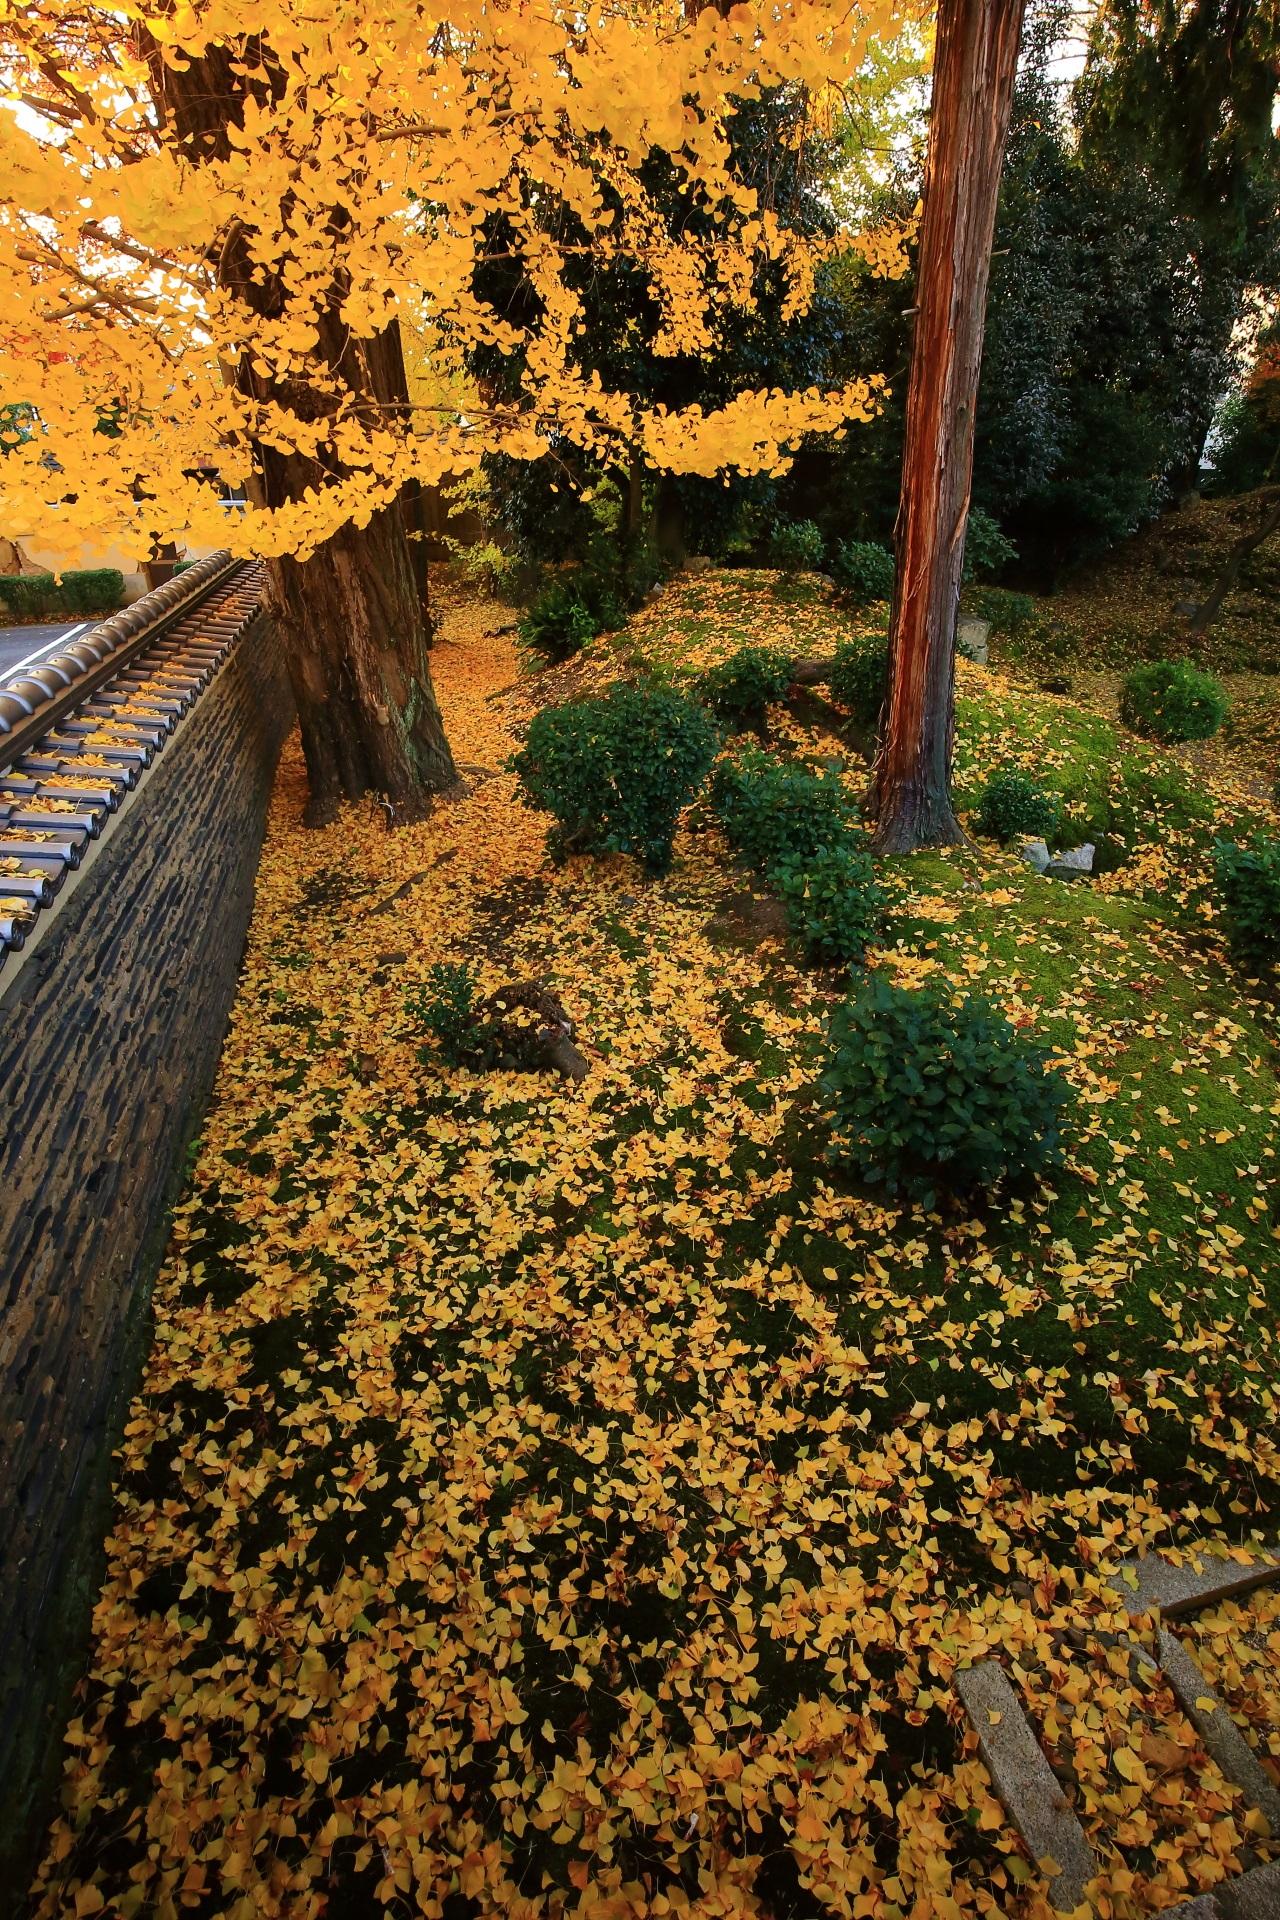 立本寺の散り銀杏の黄色い絨毯